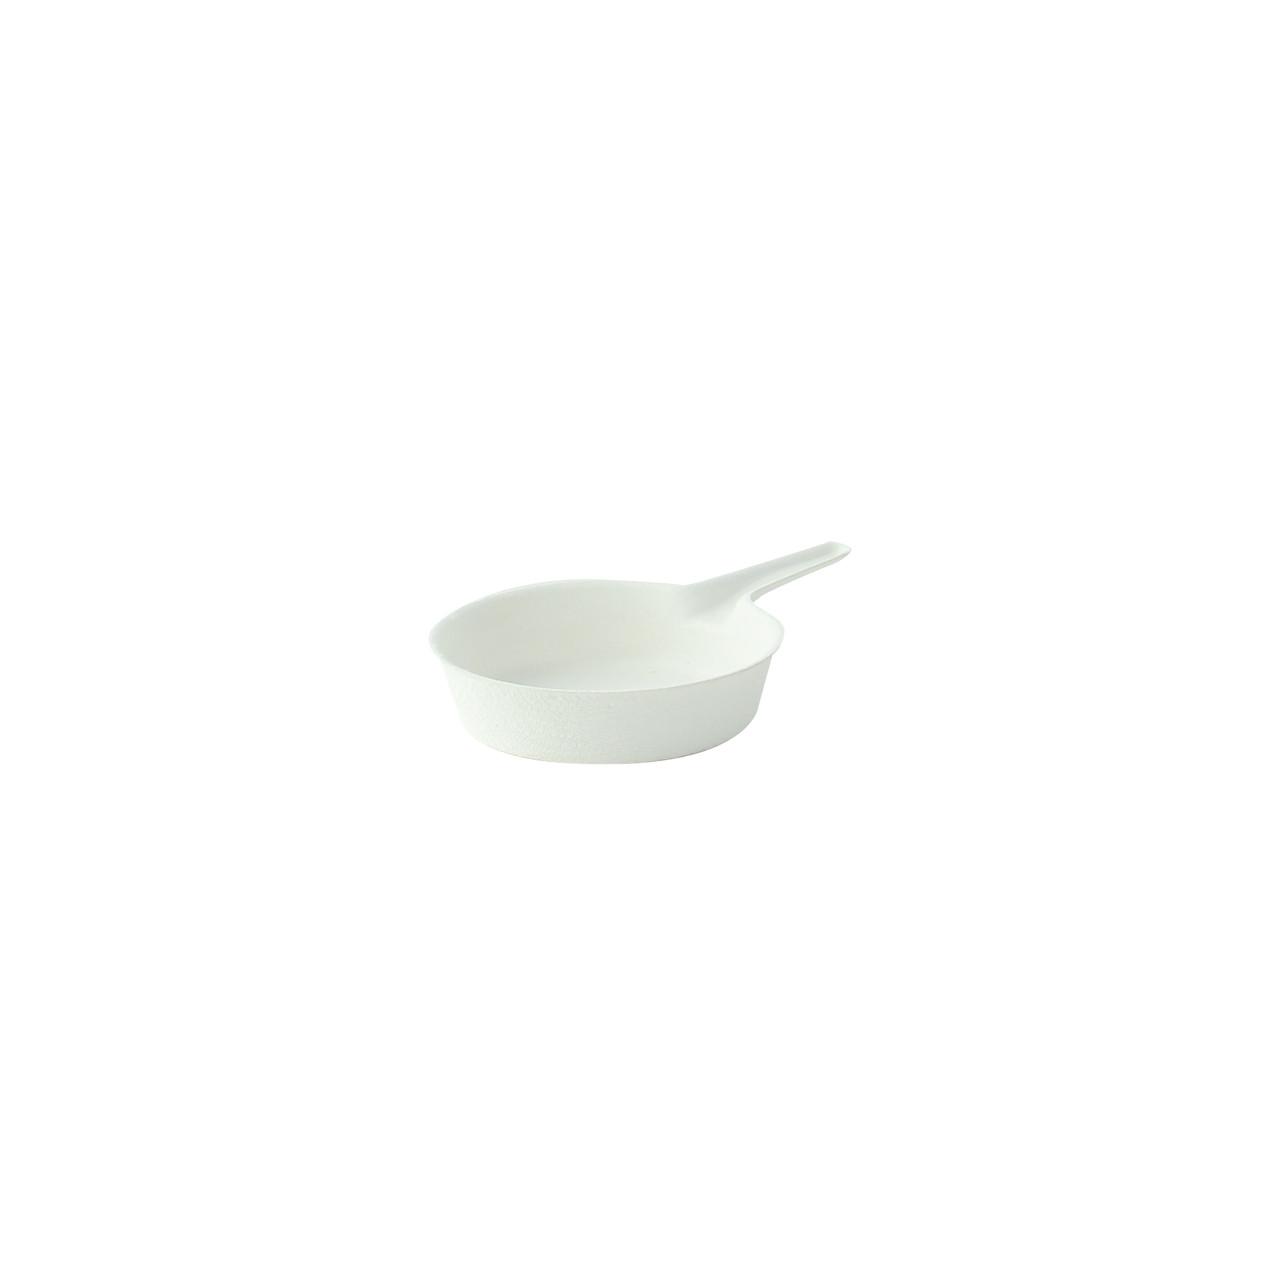 Bio N Chic Shallow Pan White Sugarcane Dish - Dia:2.25in H:.55in